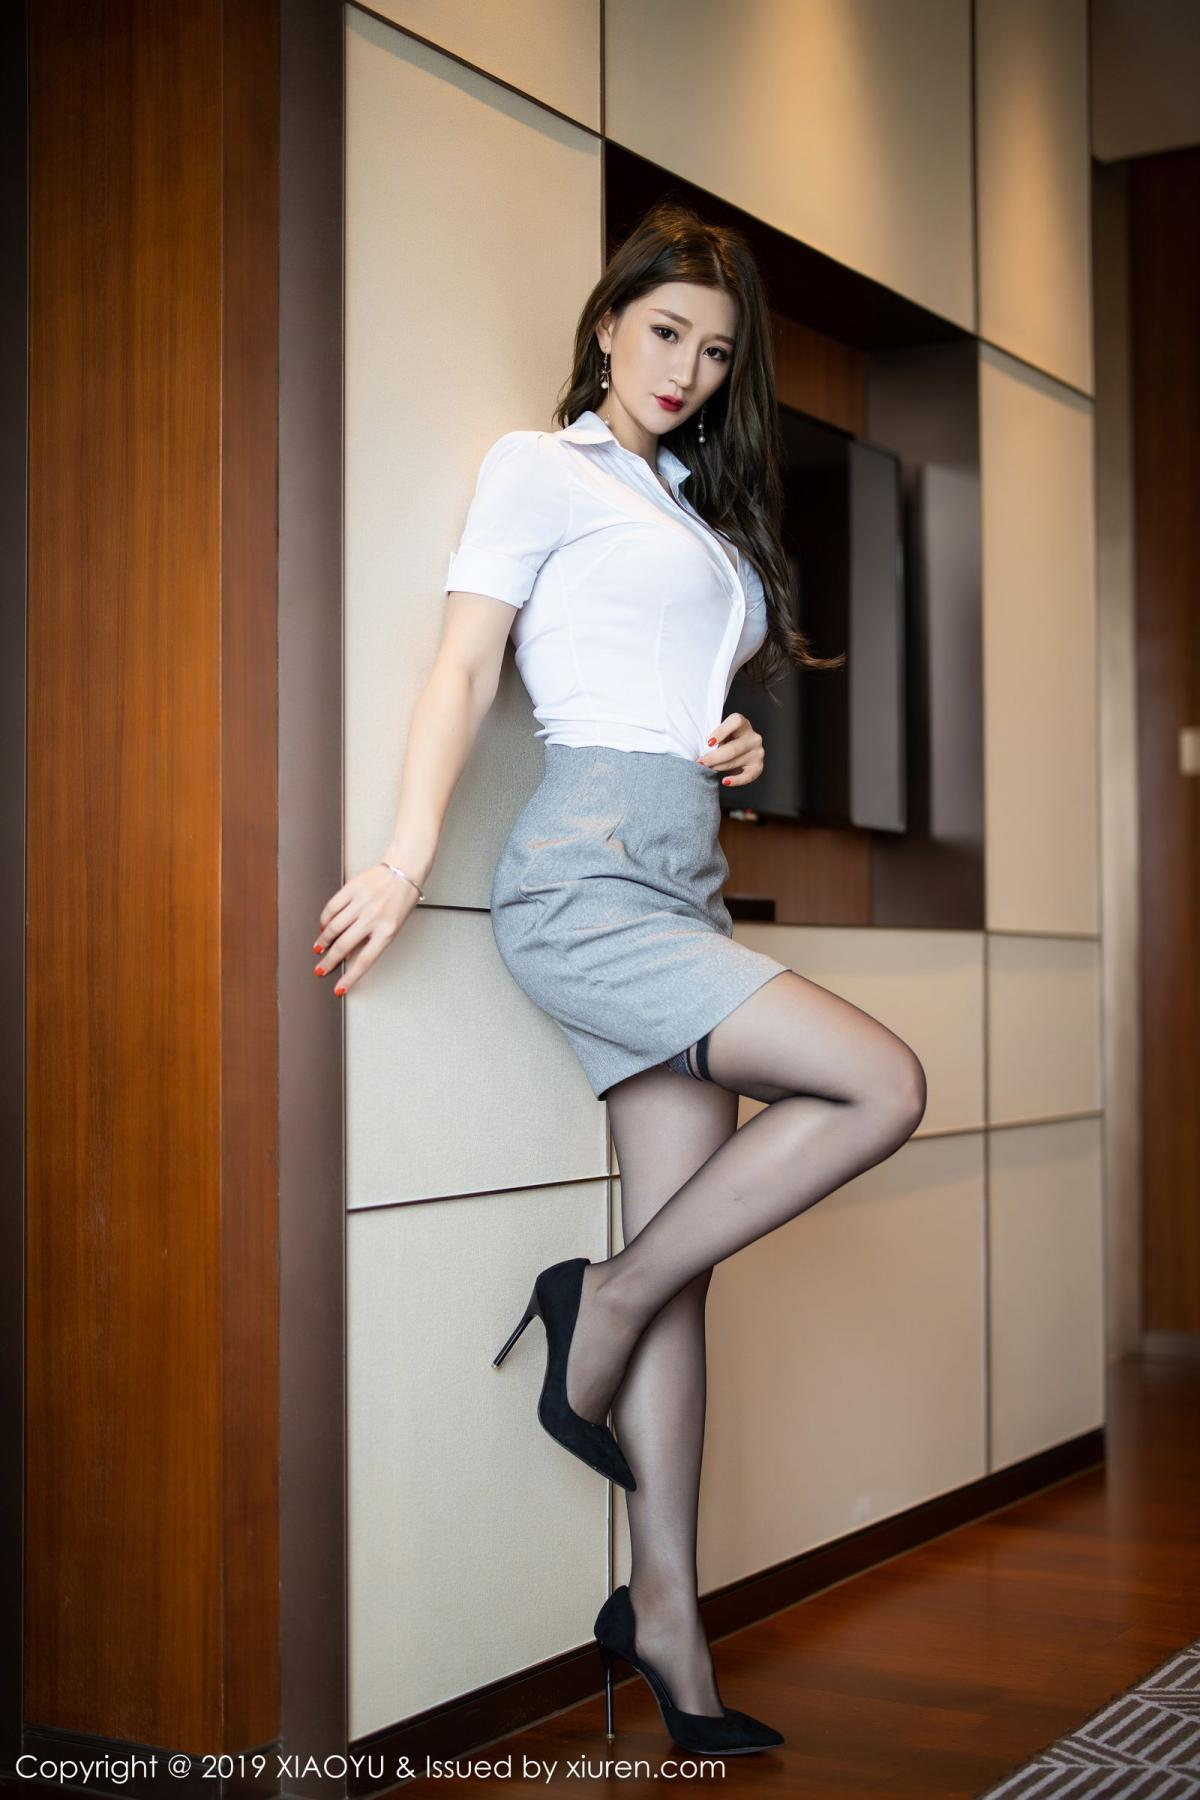 [XiaoYu] Vol.195 Xuan Zi 7P, Tall, Underwear, XiaoYu, Xuan Zi